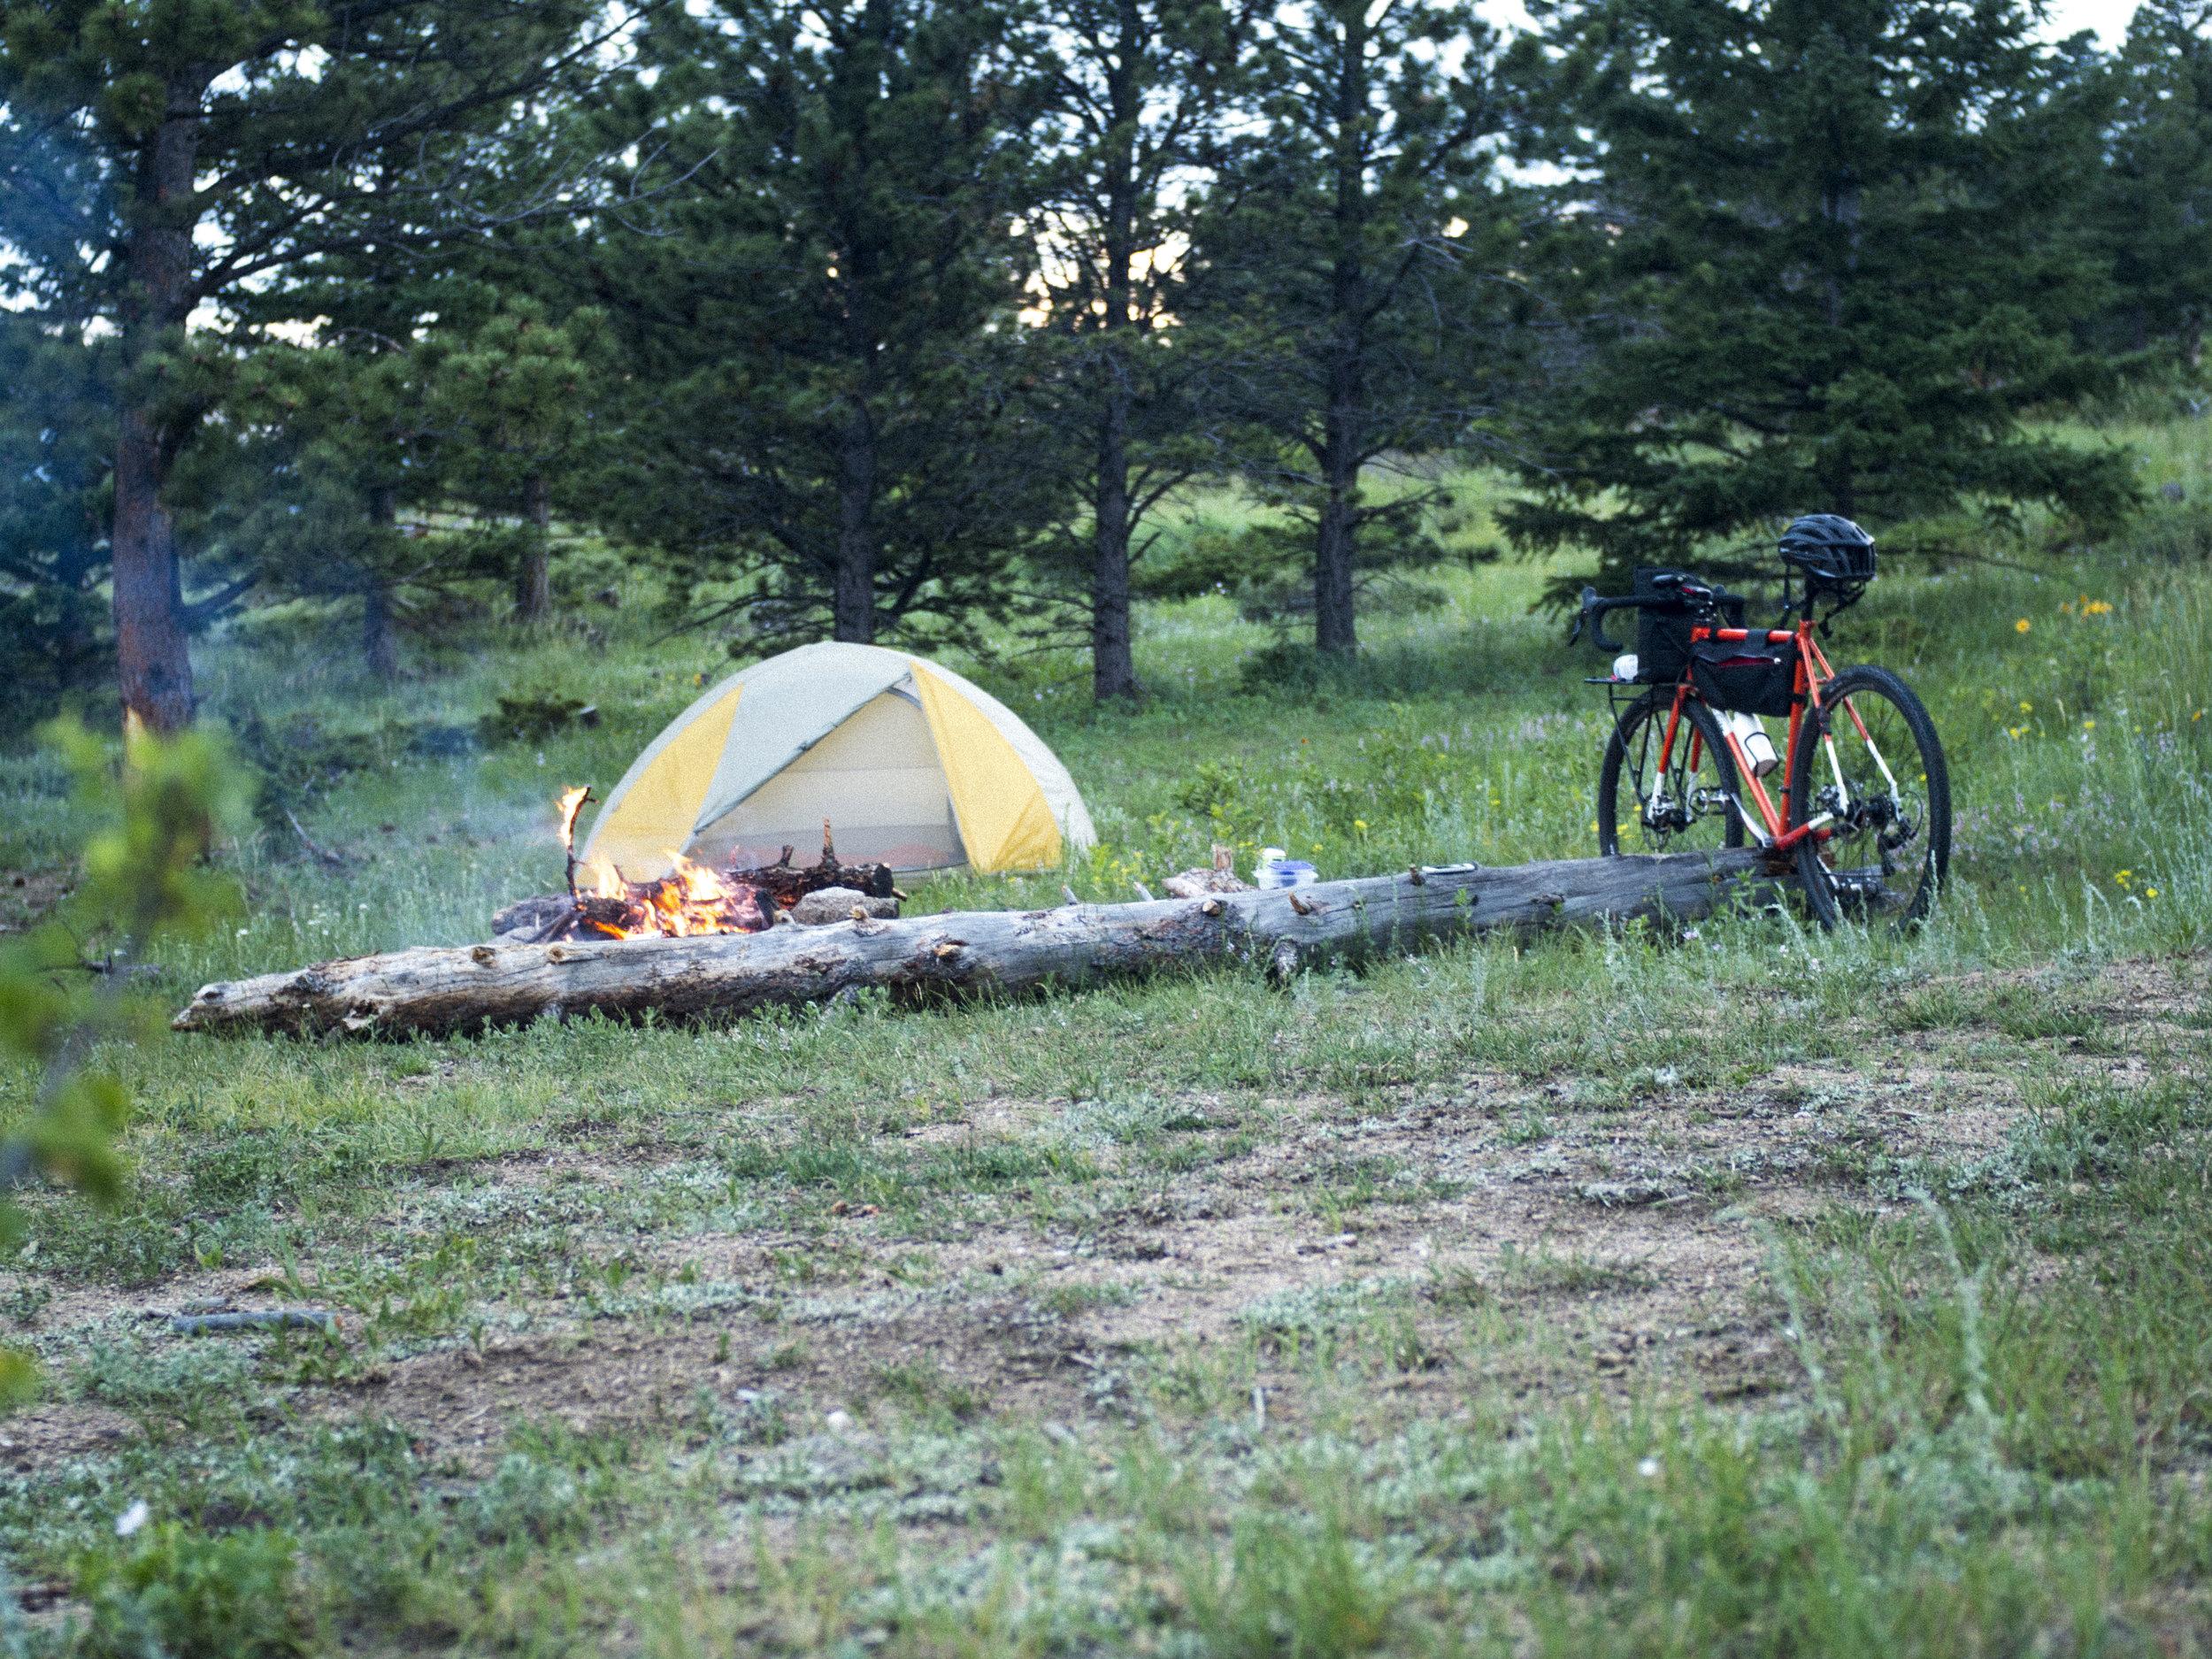 bike-camping_18789535794_o.jpg